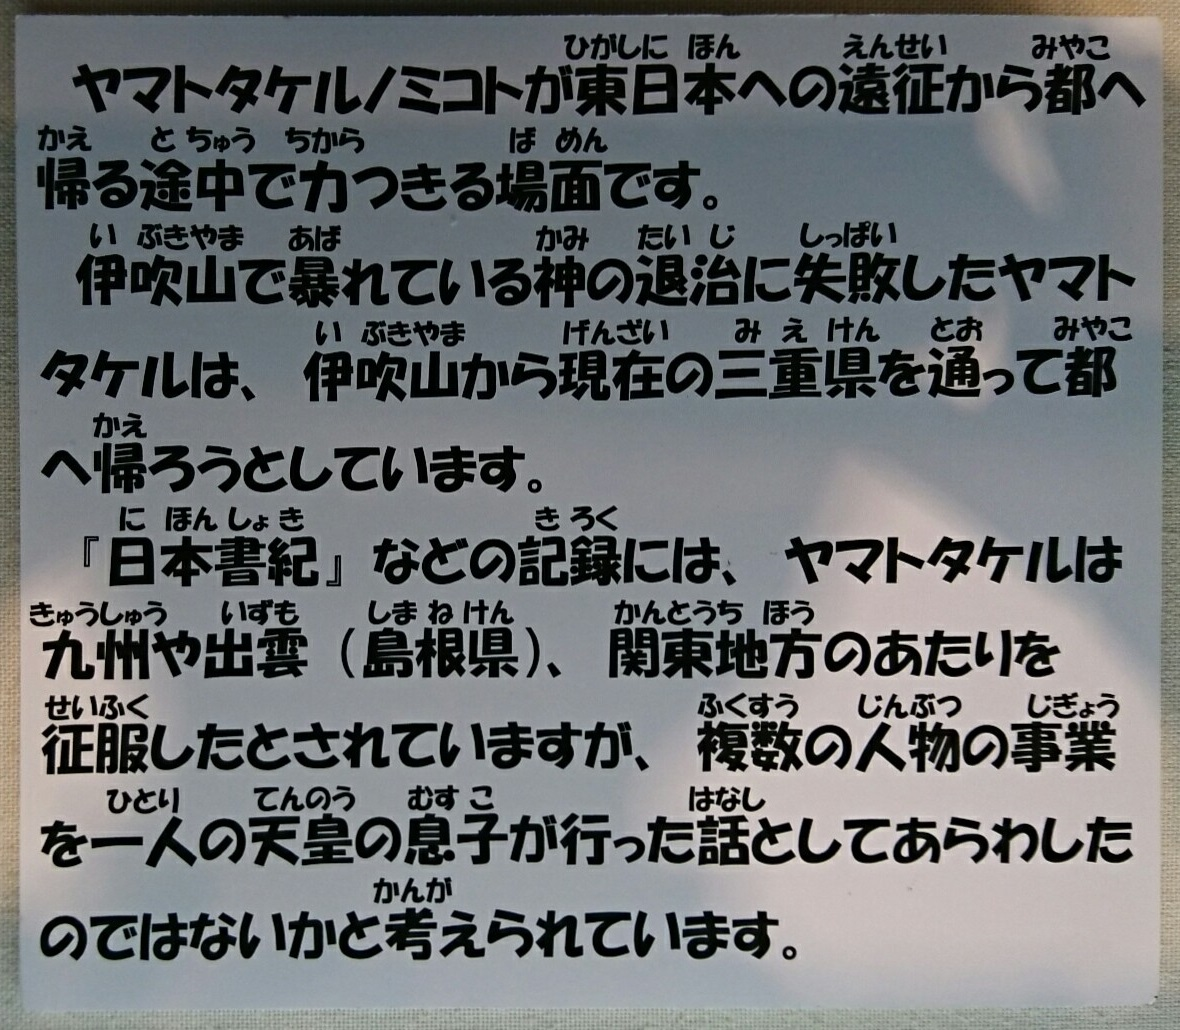 2018.5.4 岐阜市歴史博物館 (8) 古事記 - ヤマトタケルノミコト 1180-1030